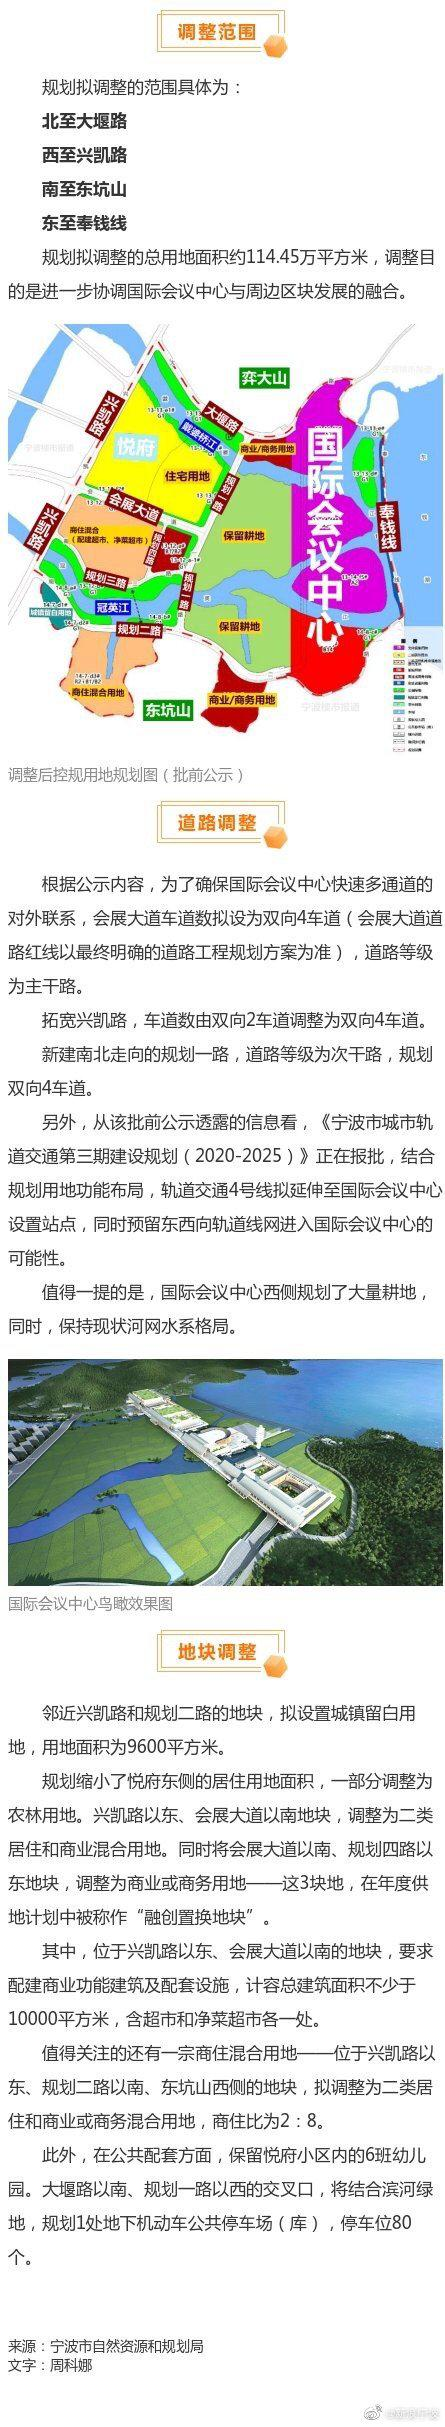 宁波国际会议中心周边拟作规划调整 未来发展有变化